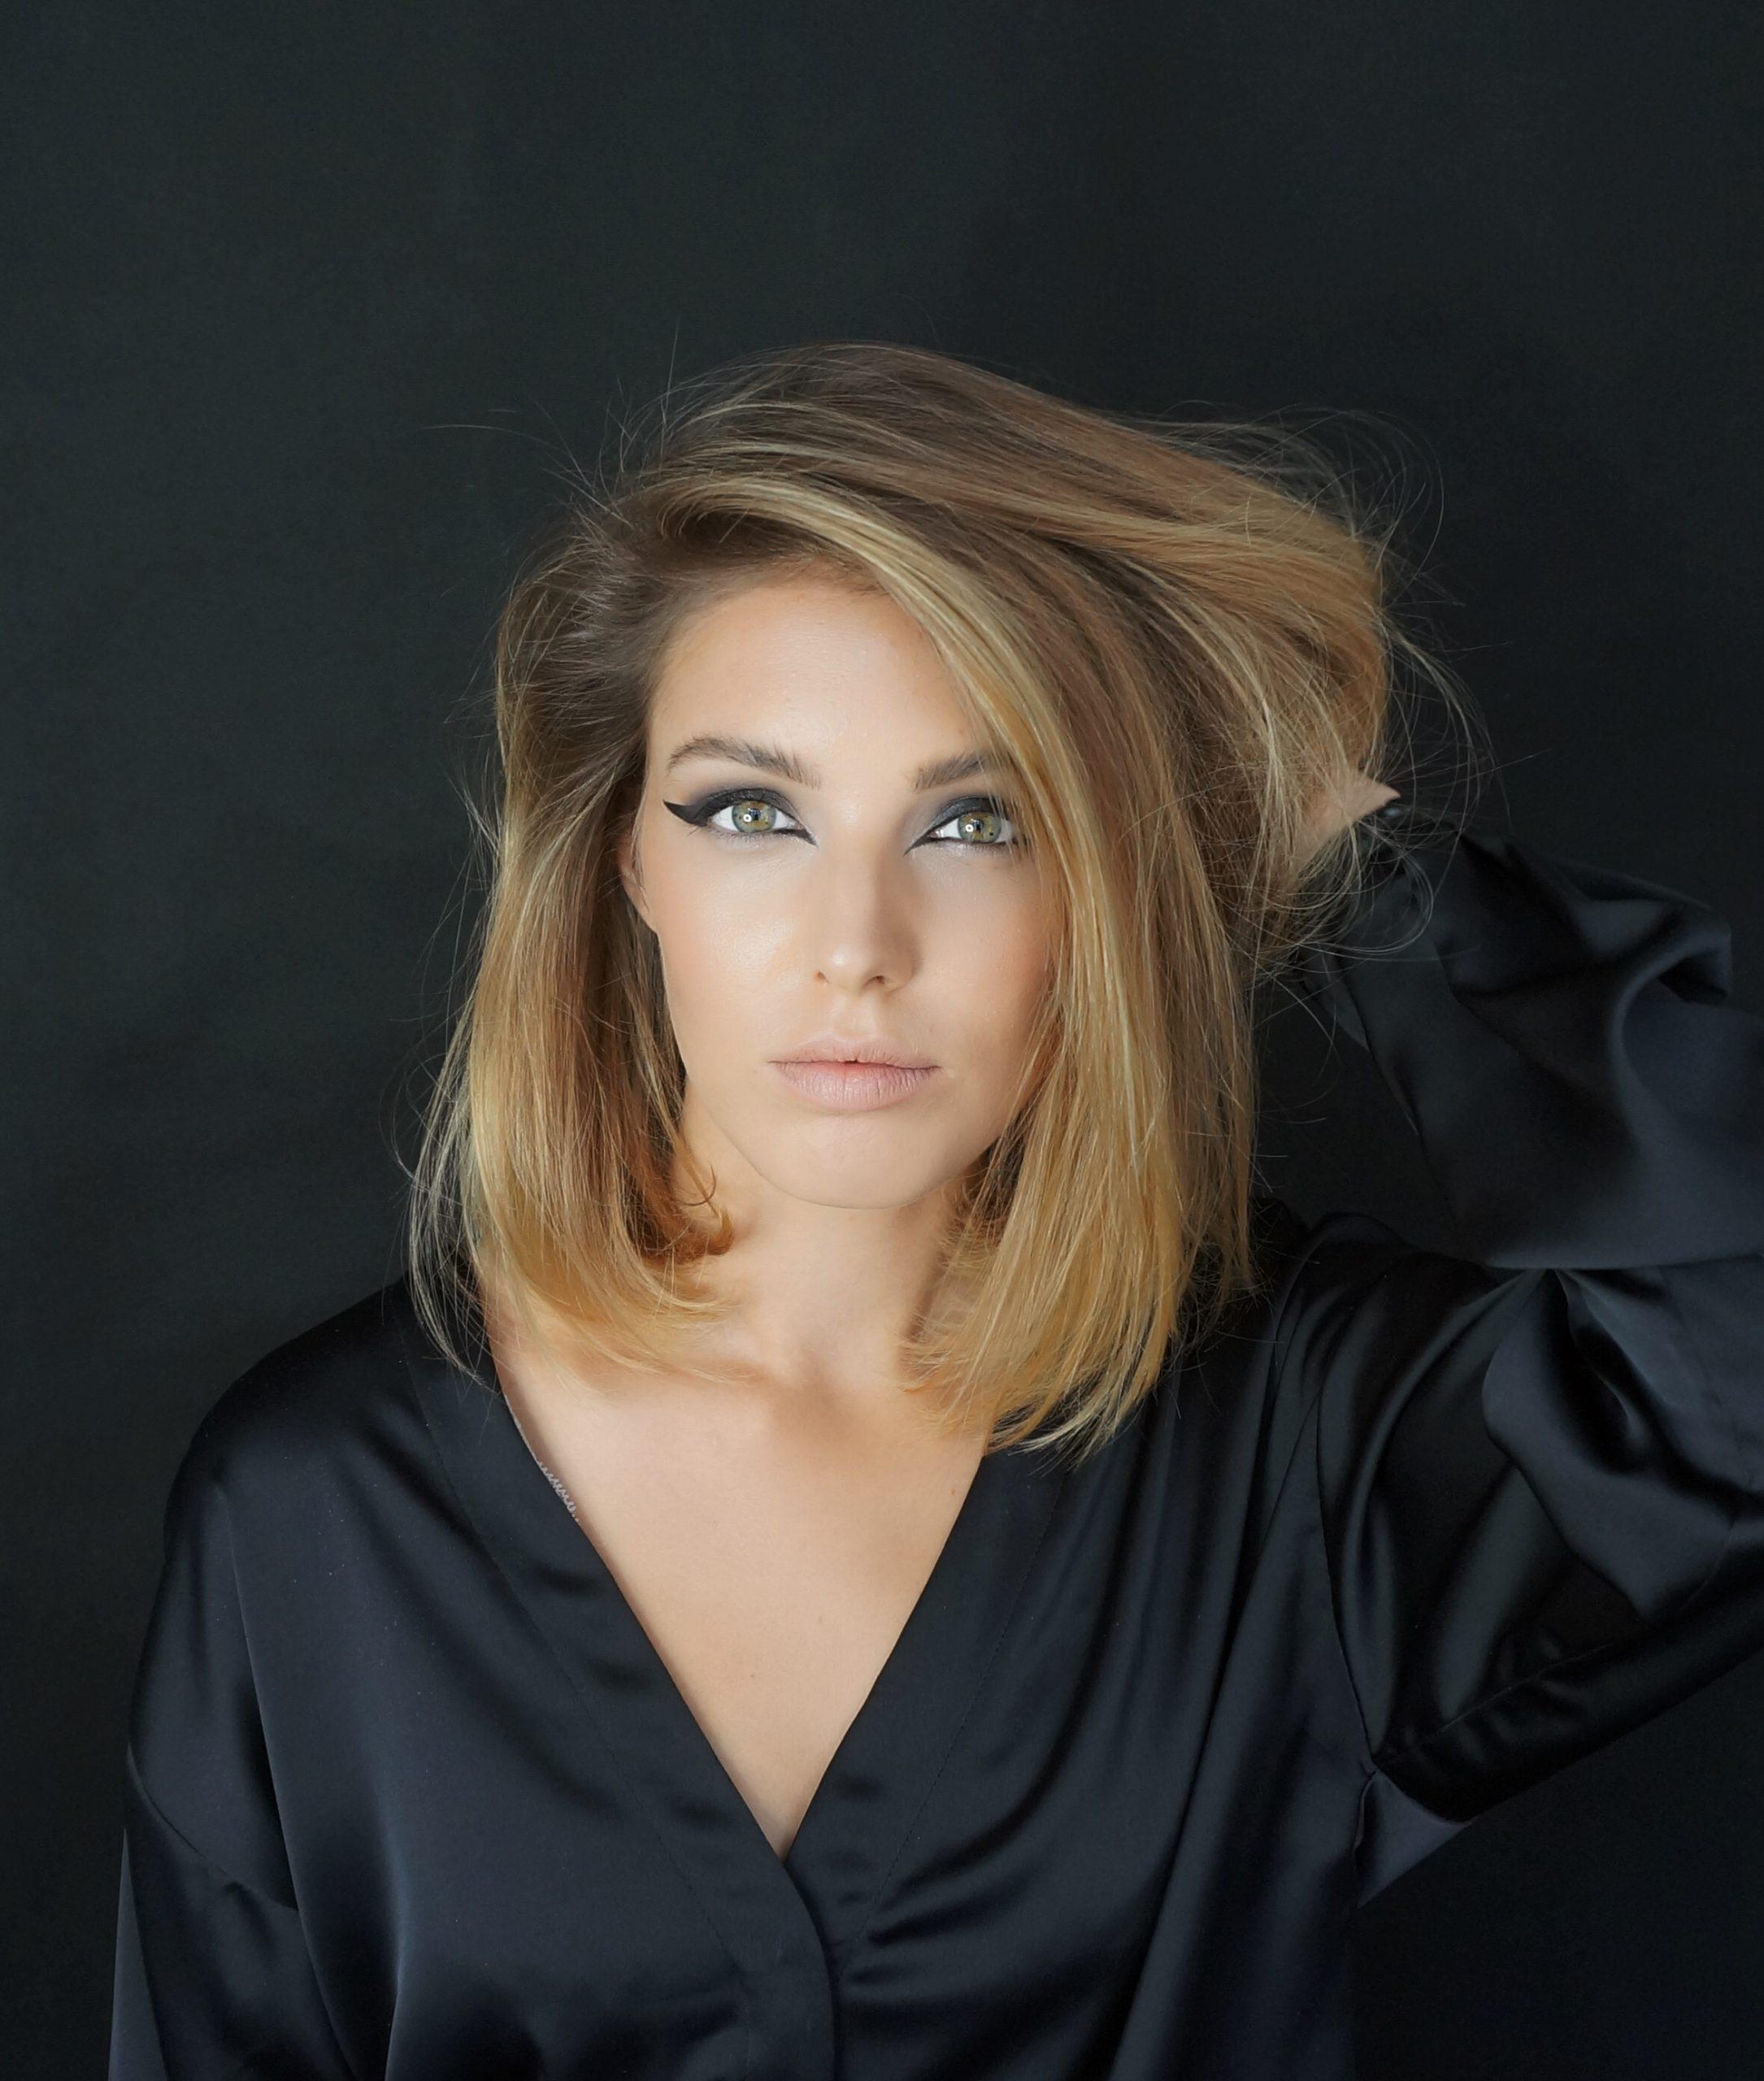 makeup Wrocław i sesja zdjęciowa. Młoda kobieta w mocnym makijażu podczas sesji fotograficznej